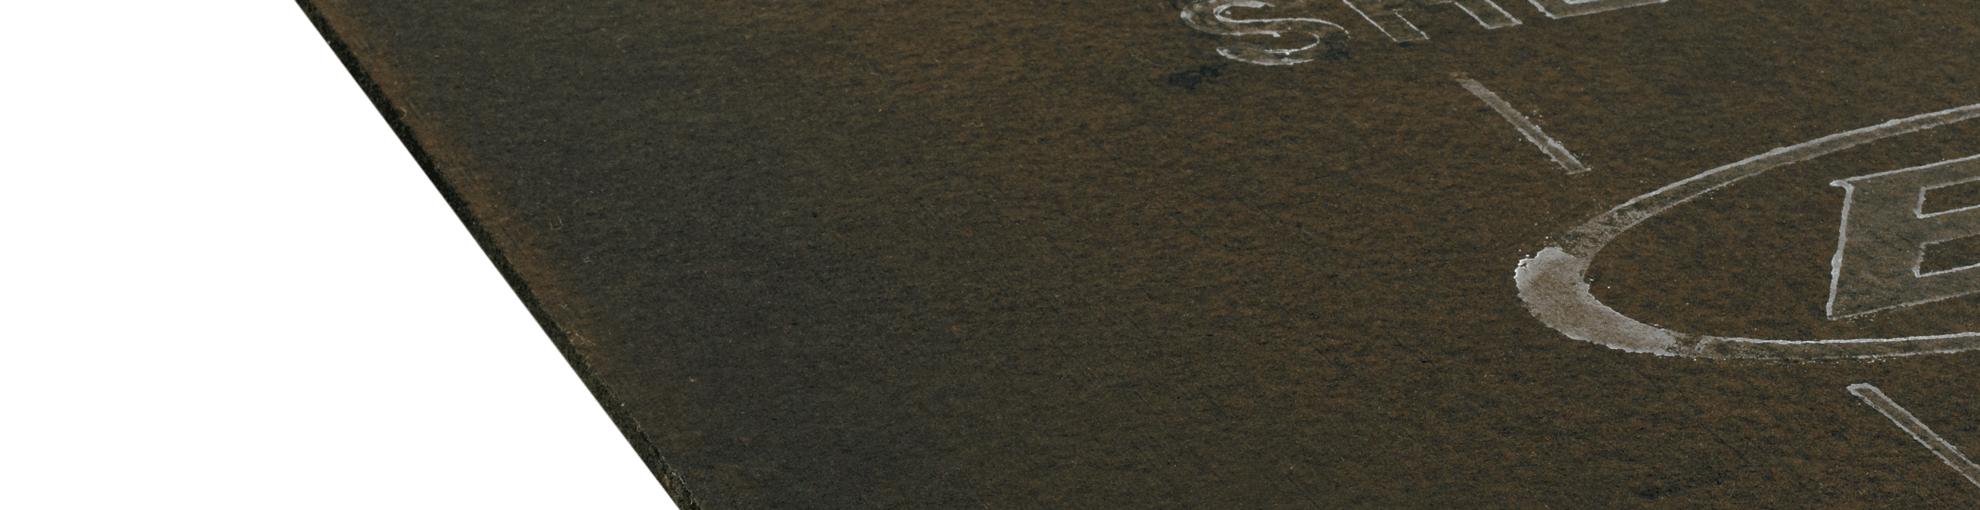 Panneau isolant R-1.3